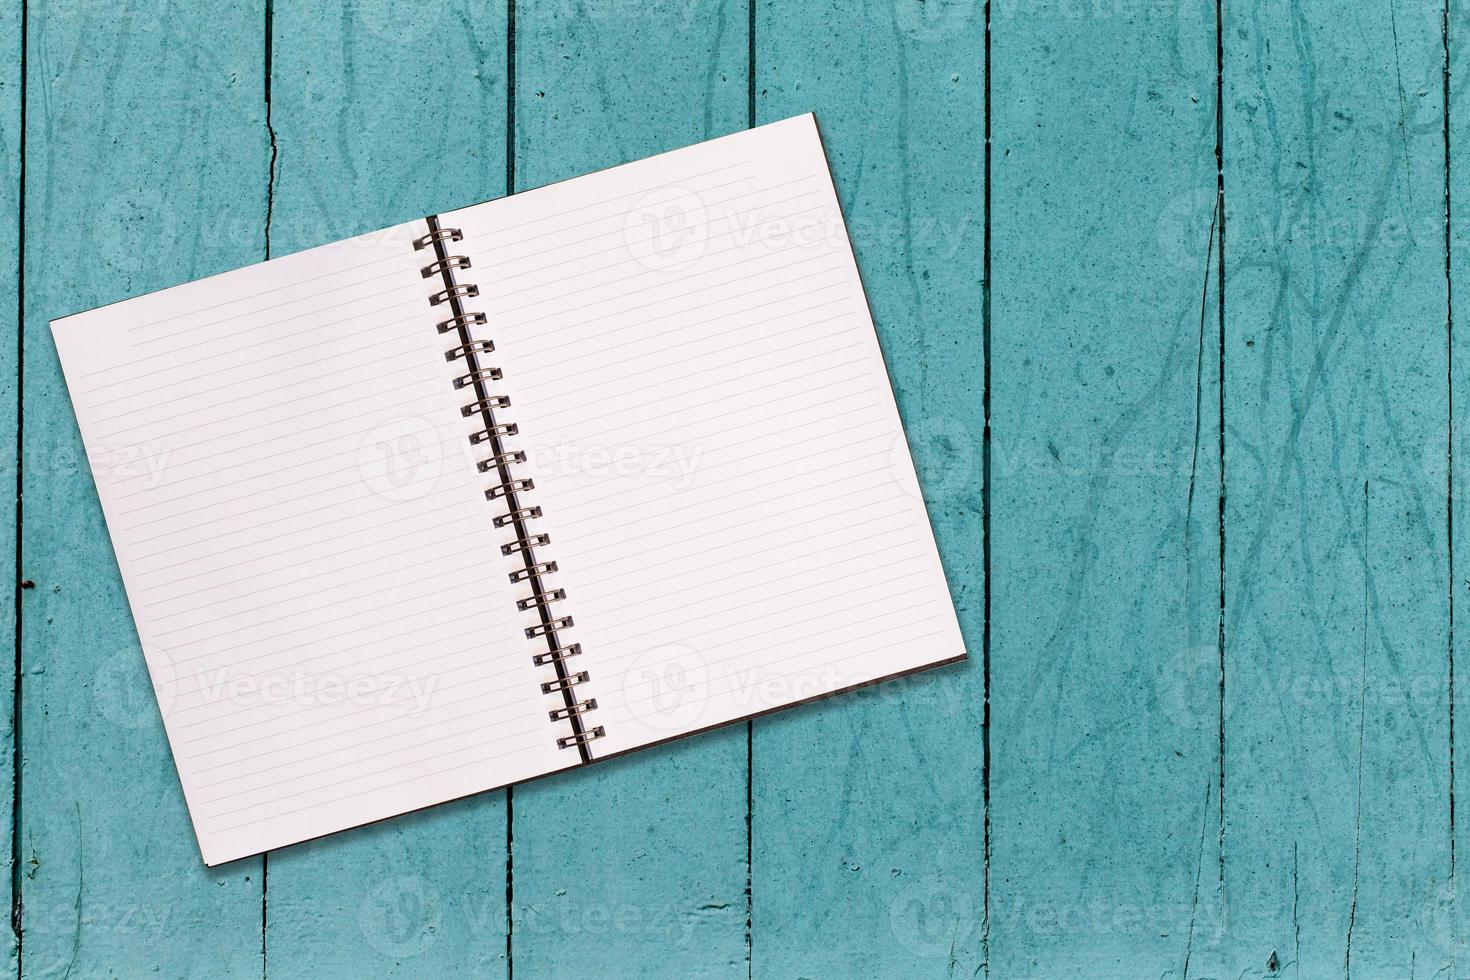 carnet de notes sur la texture du mur de fond bois minable vintage. photo